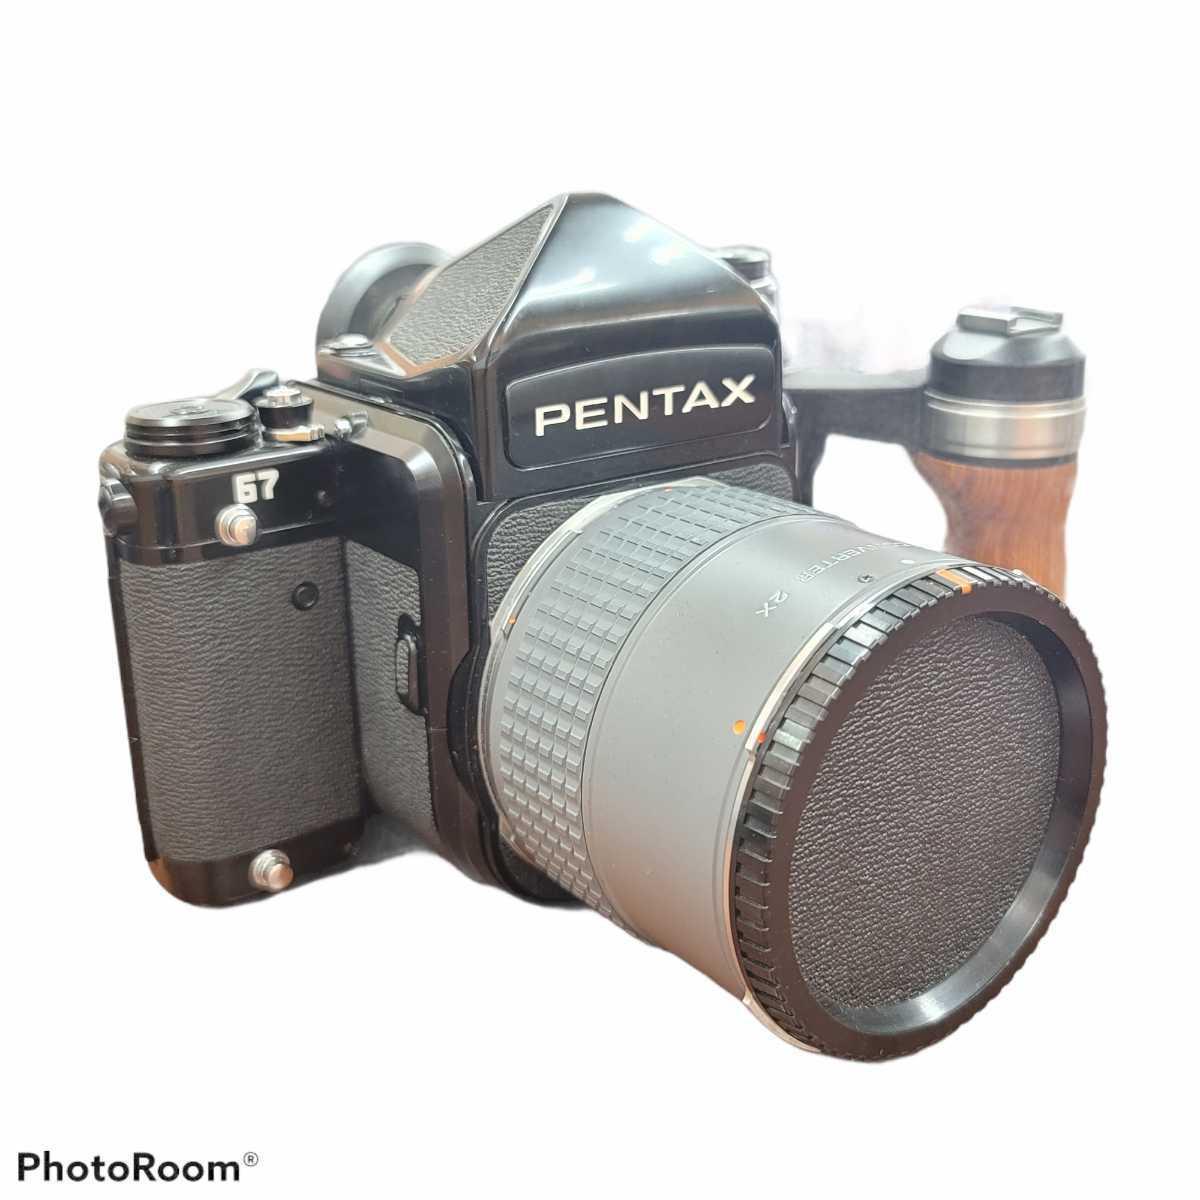 ●【コレクター必見】PENTAX ペンタックス●67 ロクナナ●バケペン●一眼レフカメラ●中判カメラ●リアコンバーター付●木製グリップ●EB0